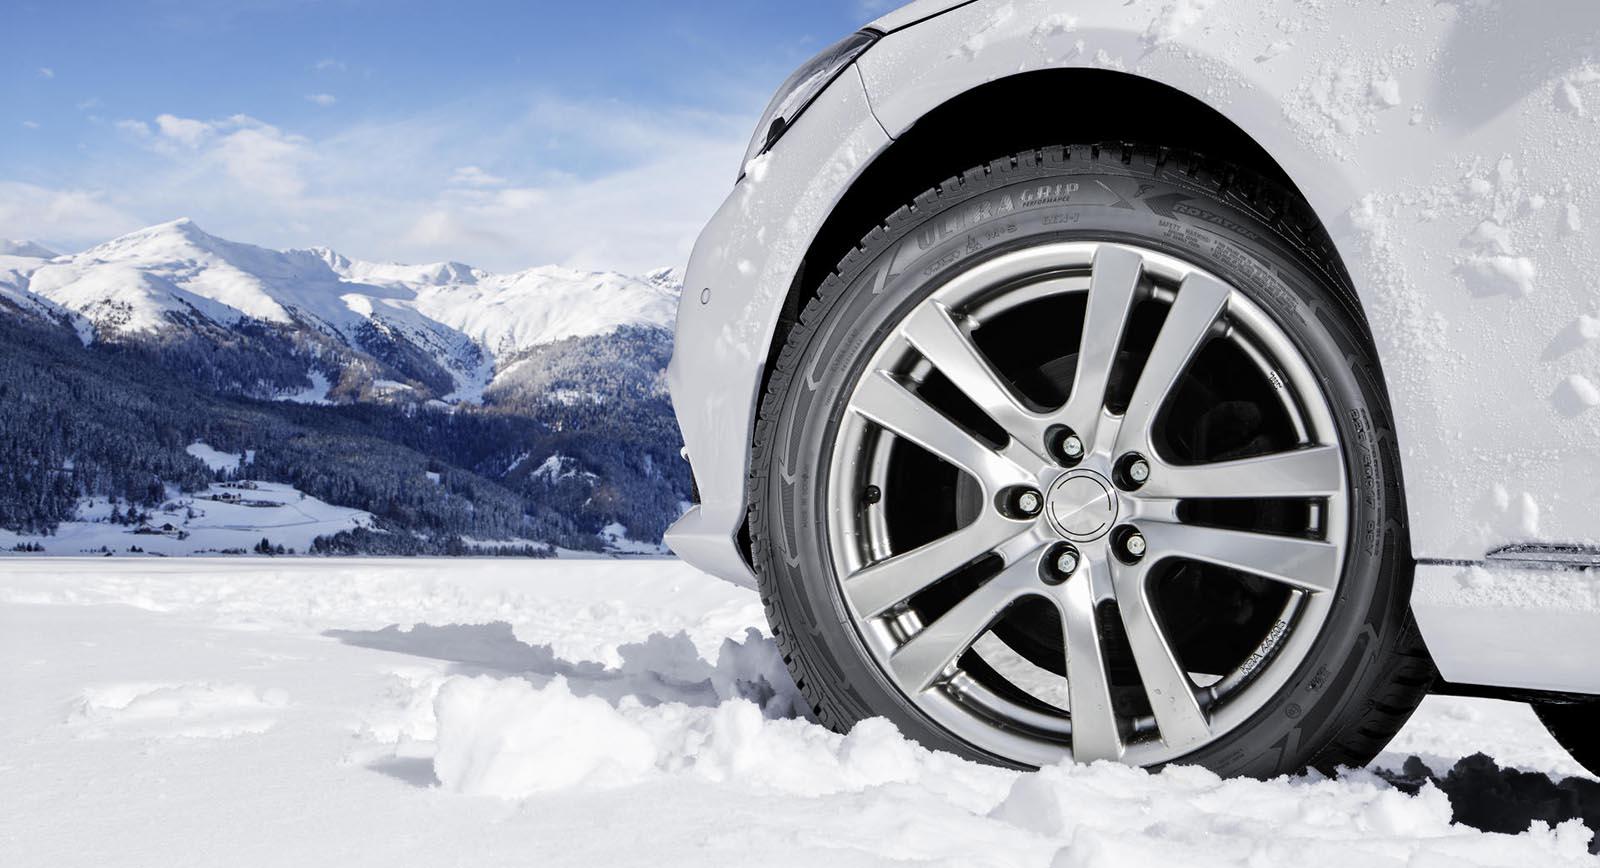 Што значат симболите и ознаките на автомобилските гуми?